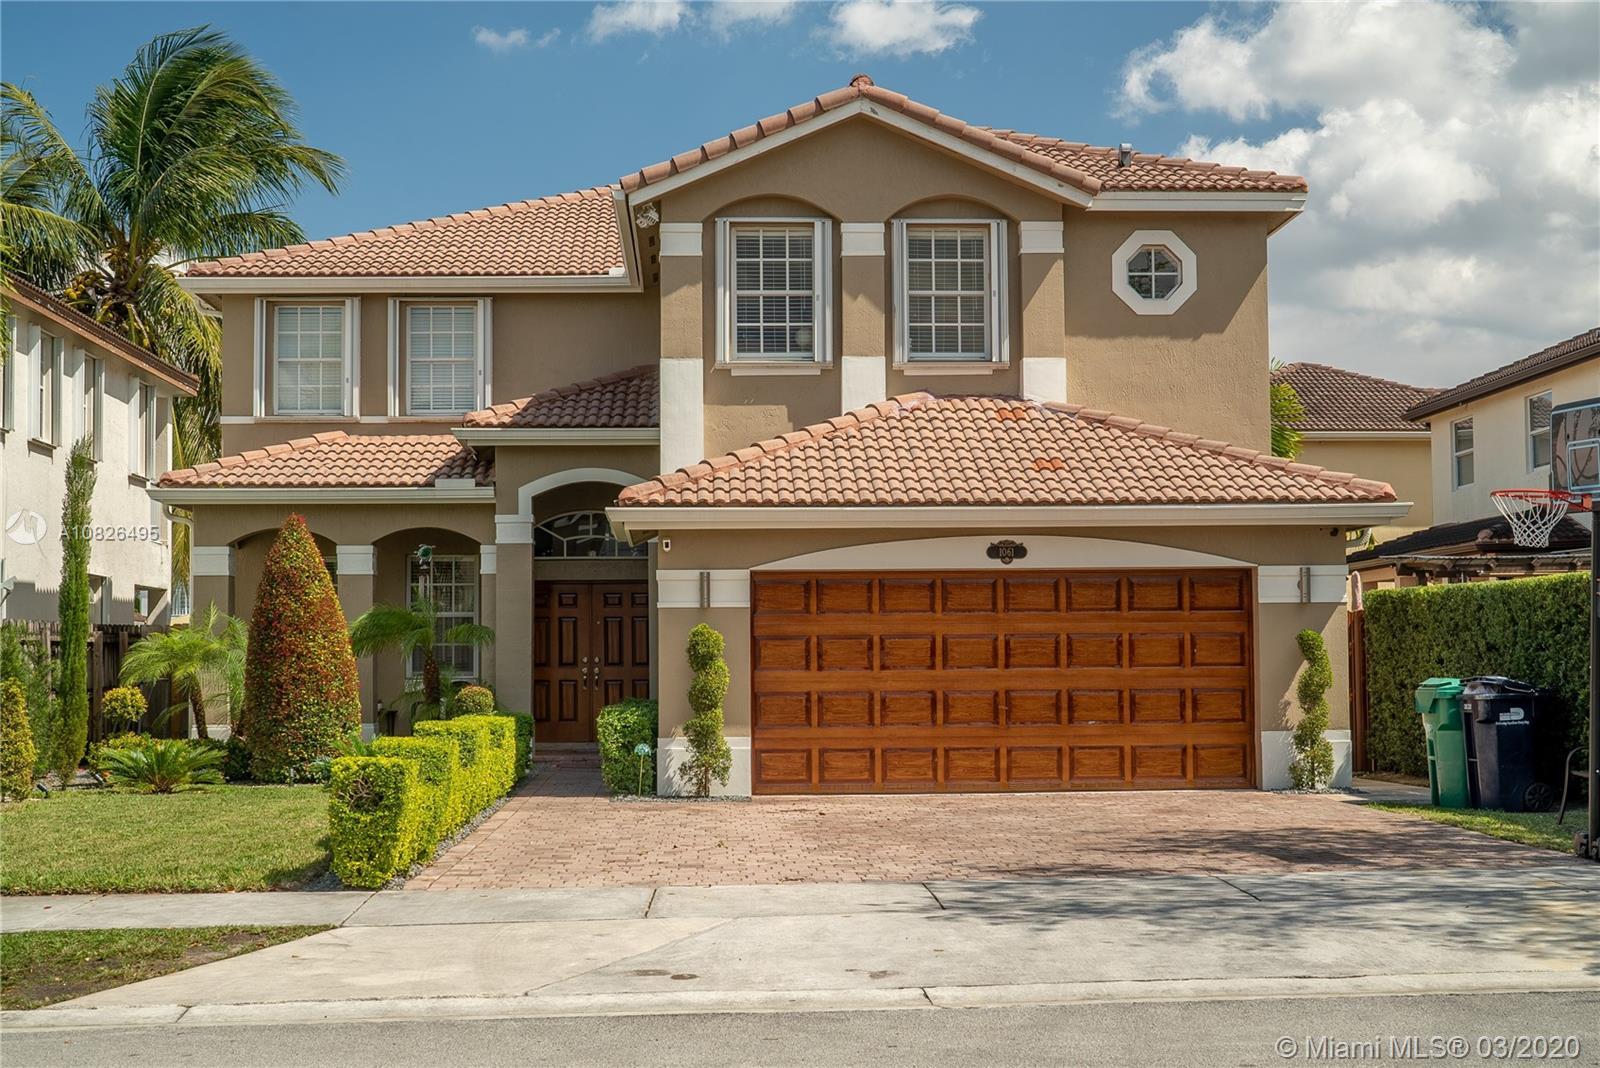 1061 SW 145th Ct, Miami, FL 33184